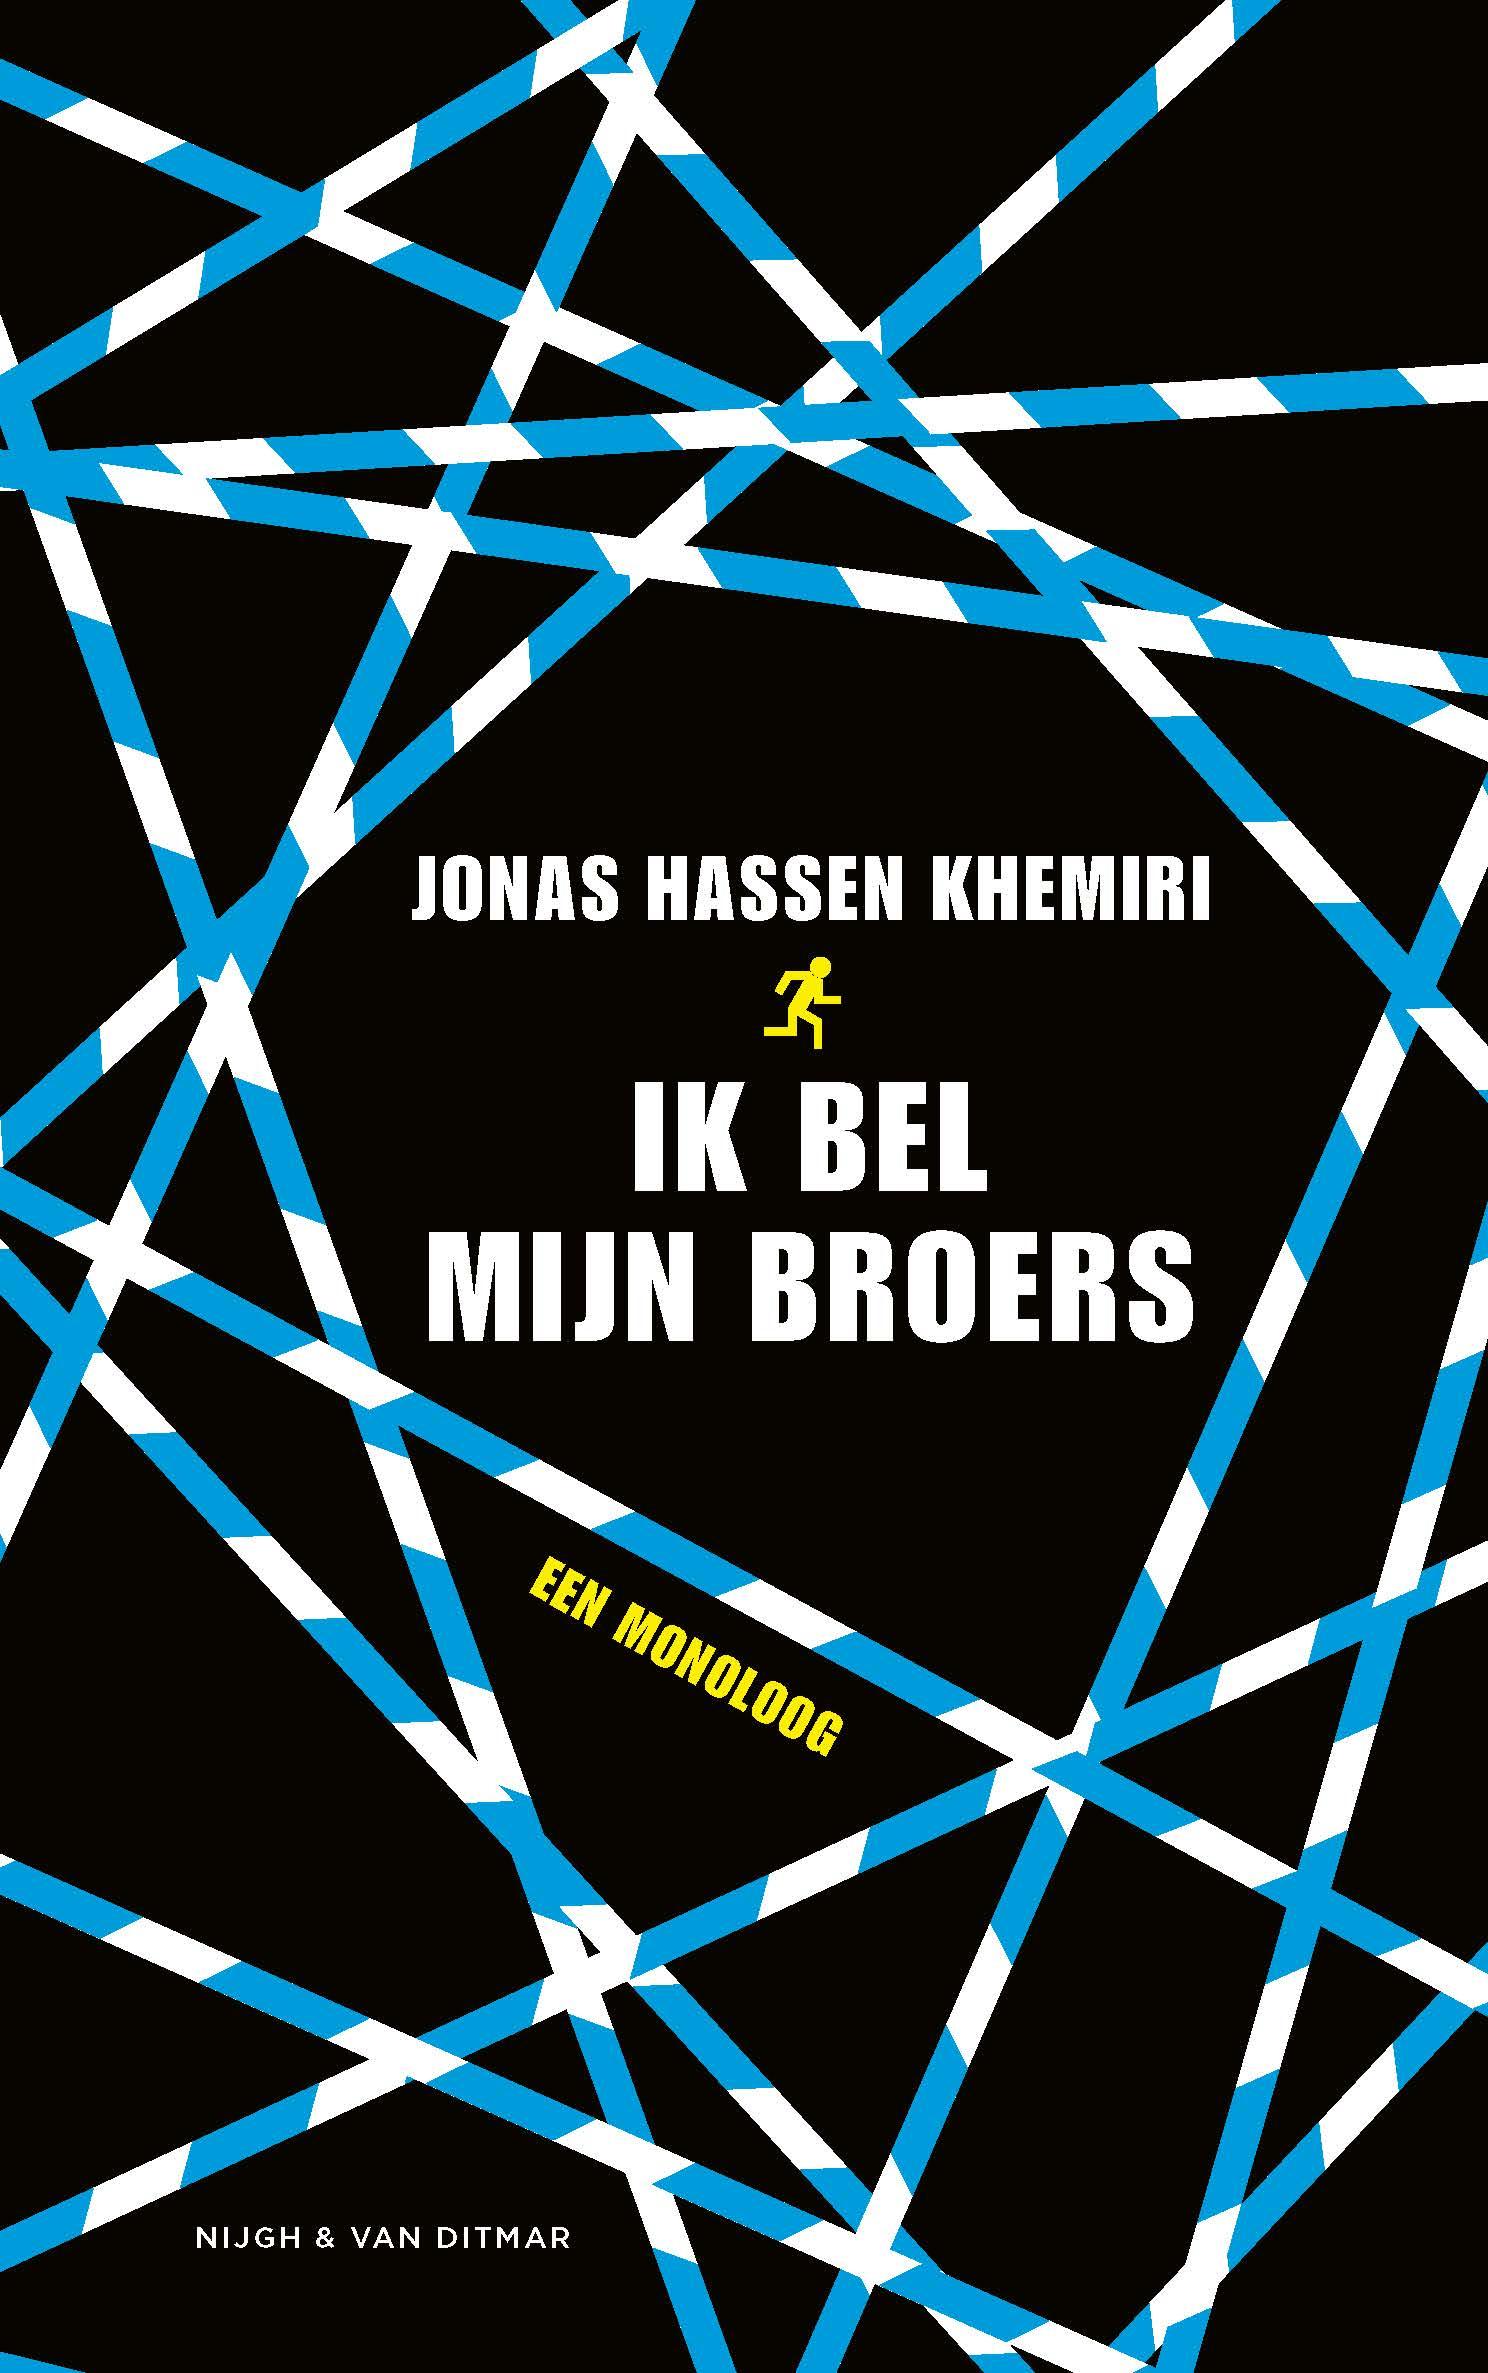 Ik bel mijn broers - boekenflits.nl